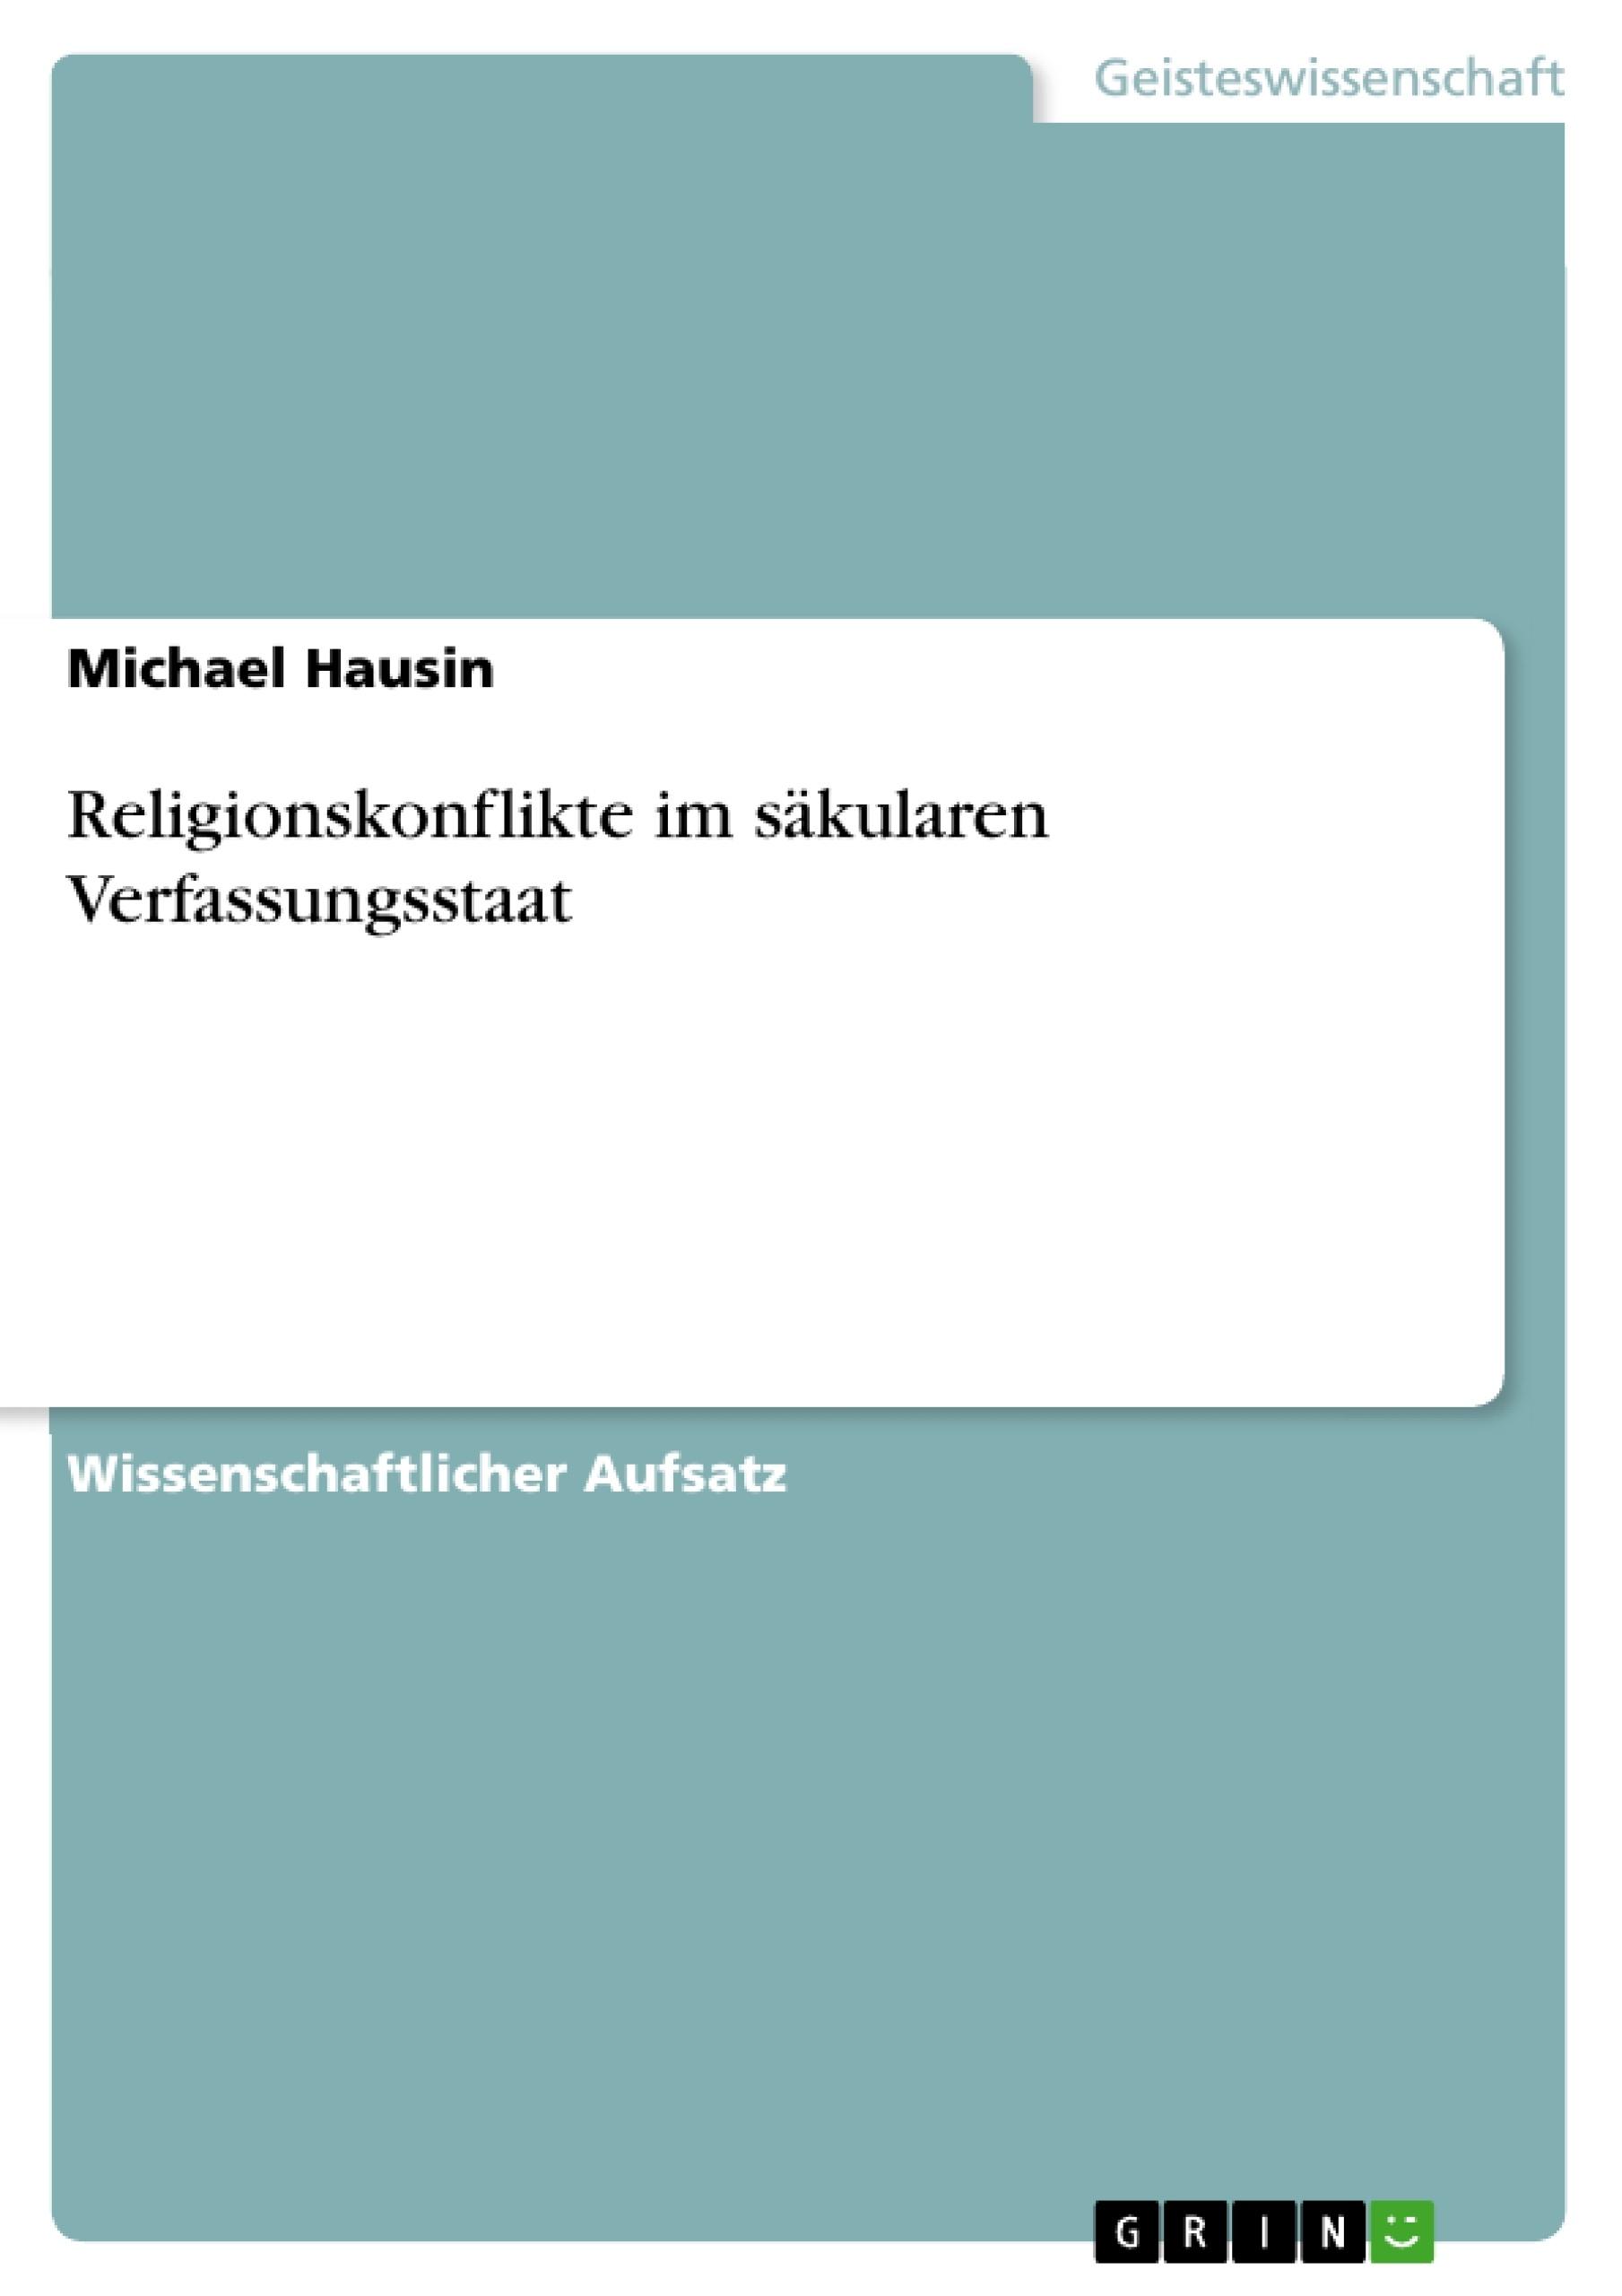 Titel: Religionskonflikte im säkularen Verfassungsstaat